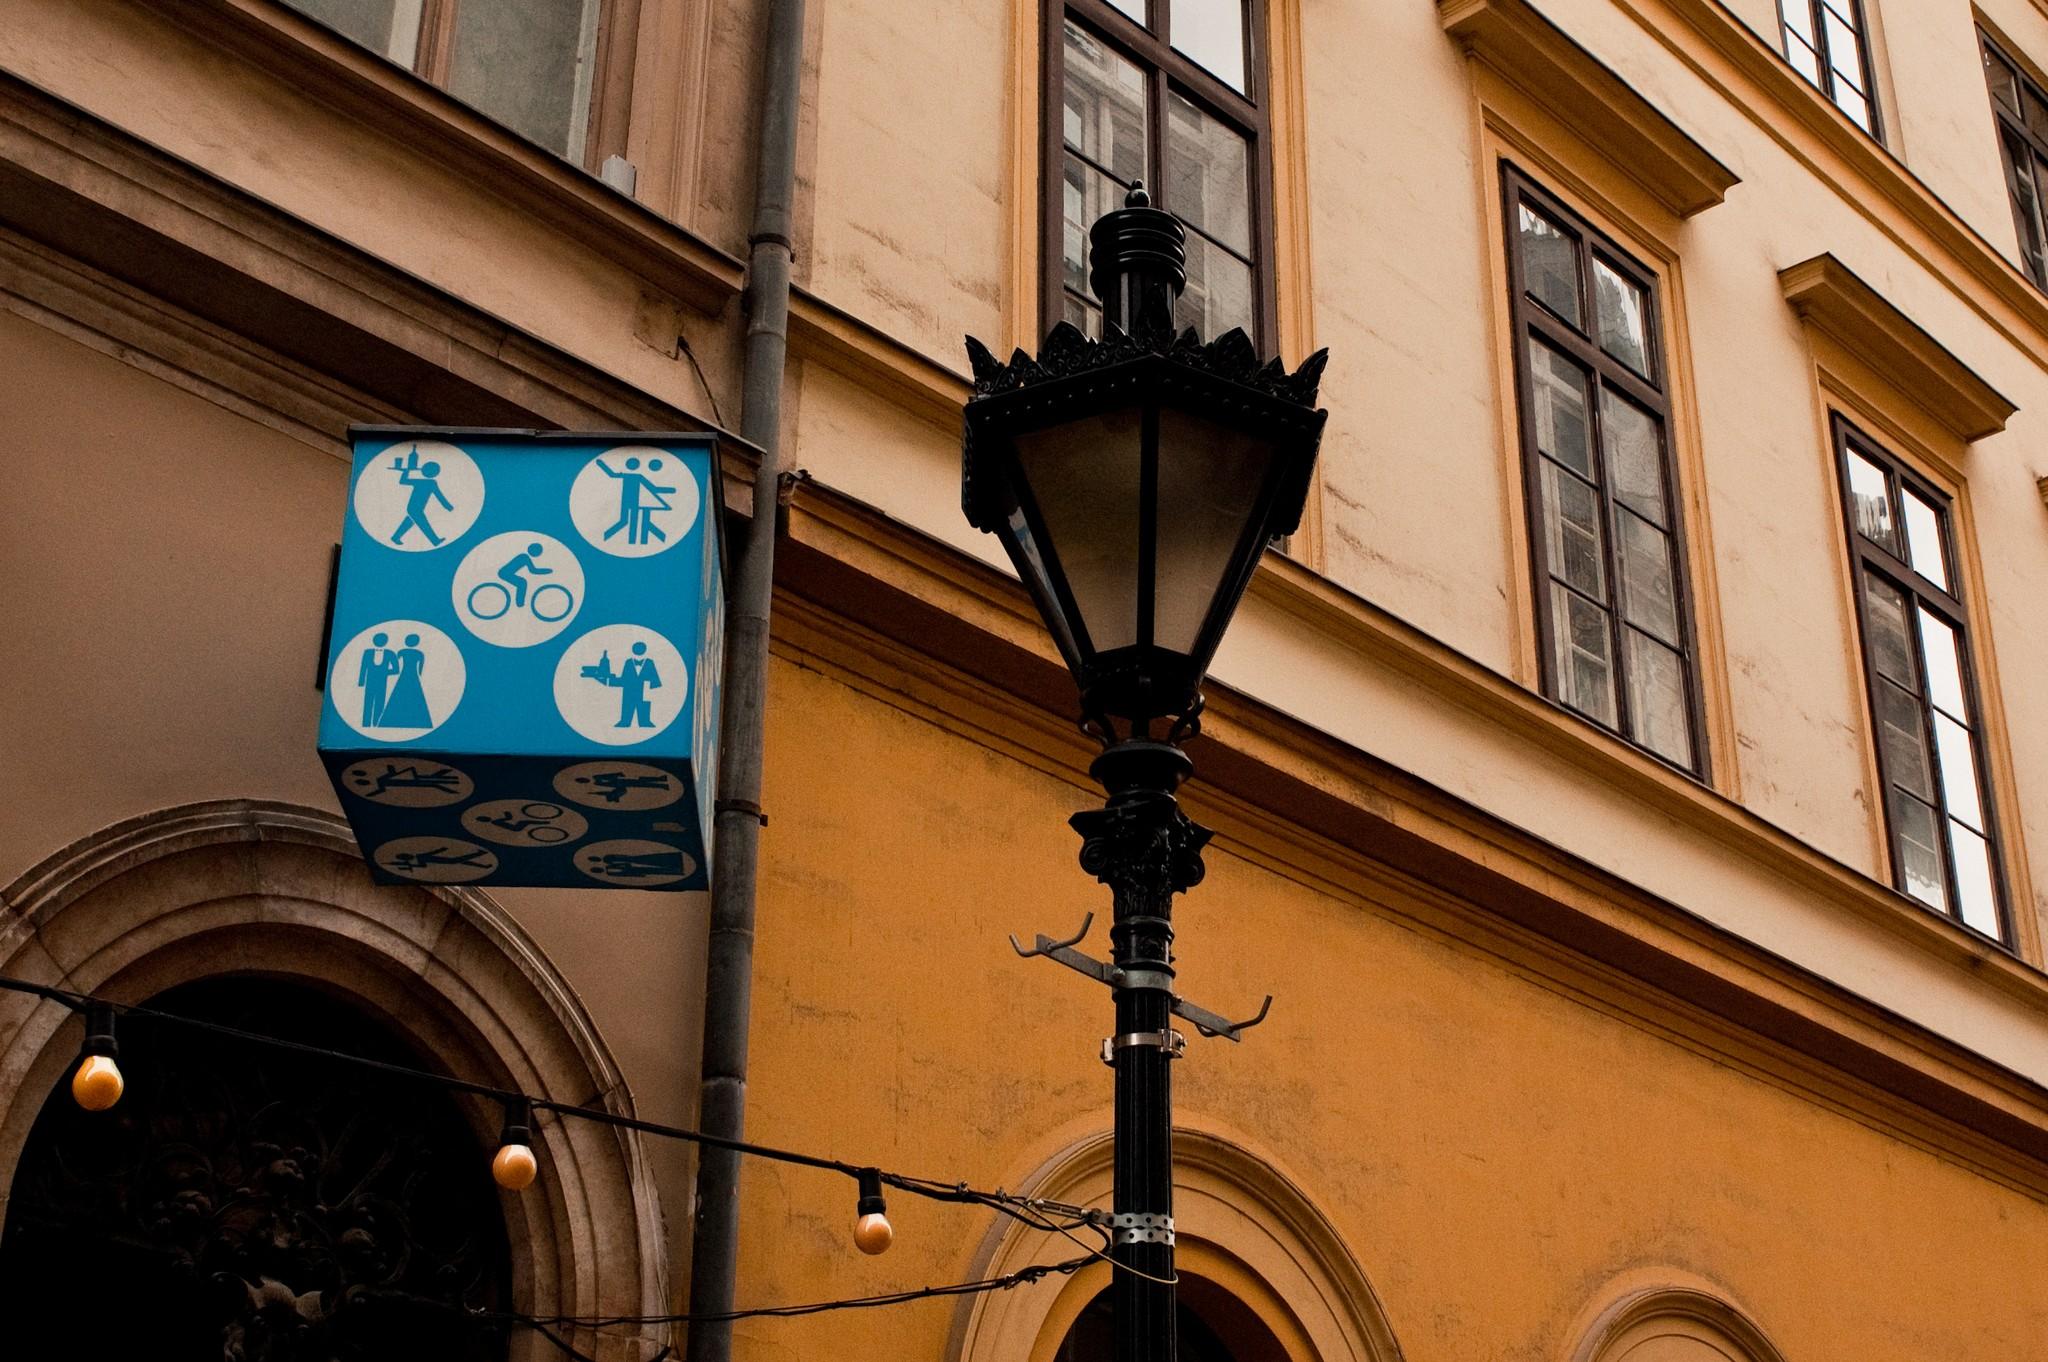 Szent István tér, Budapest, April 2012